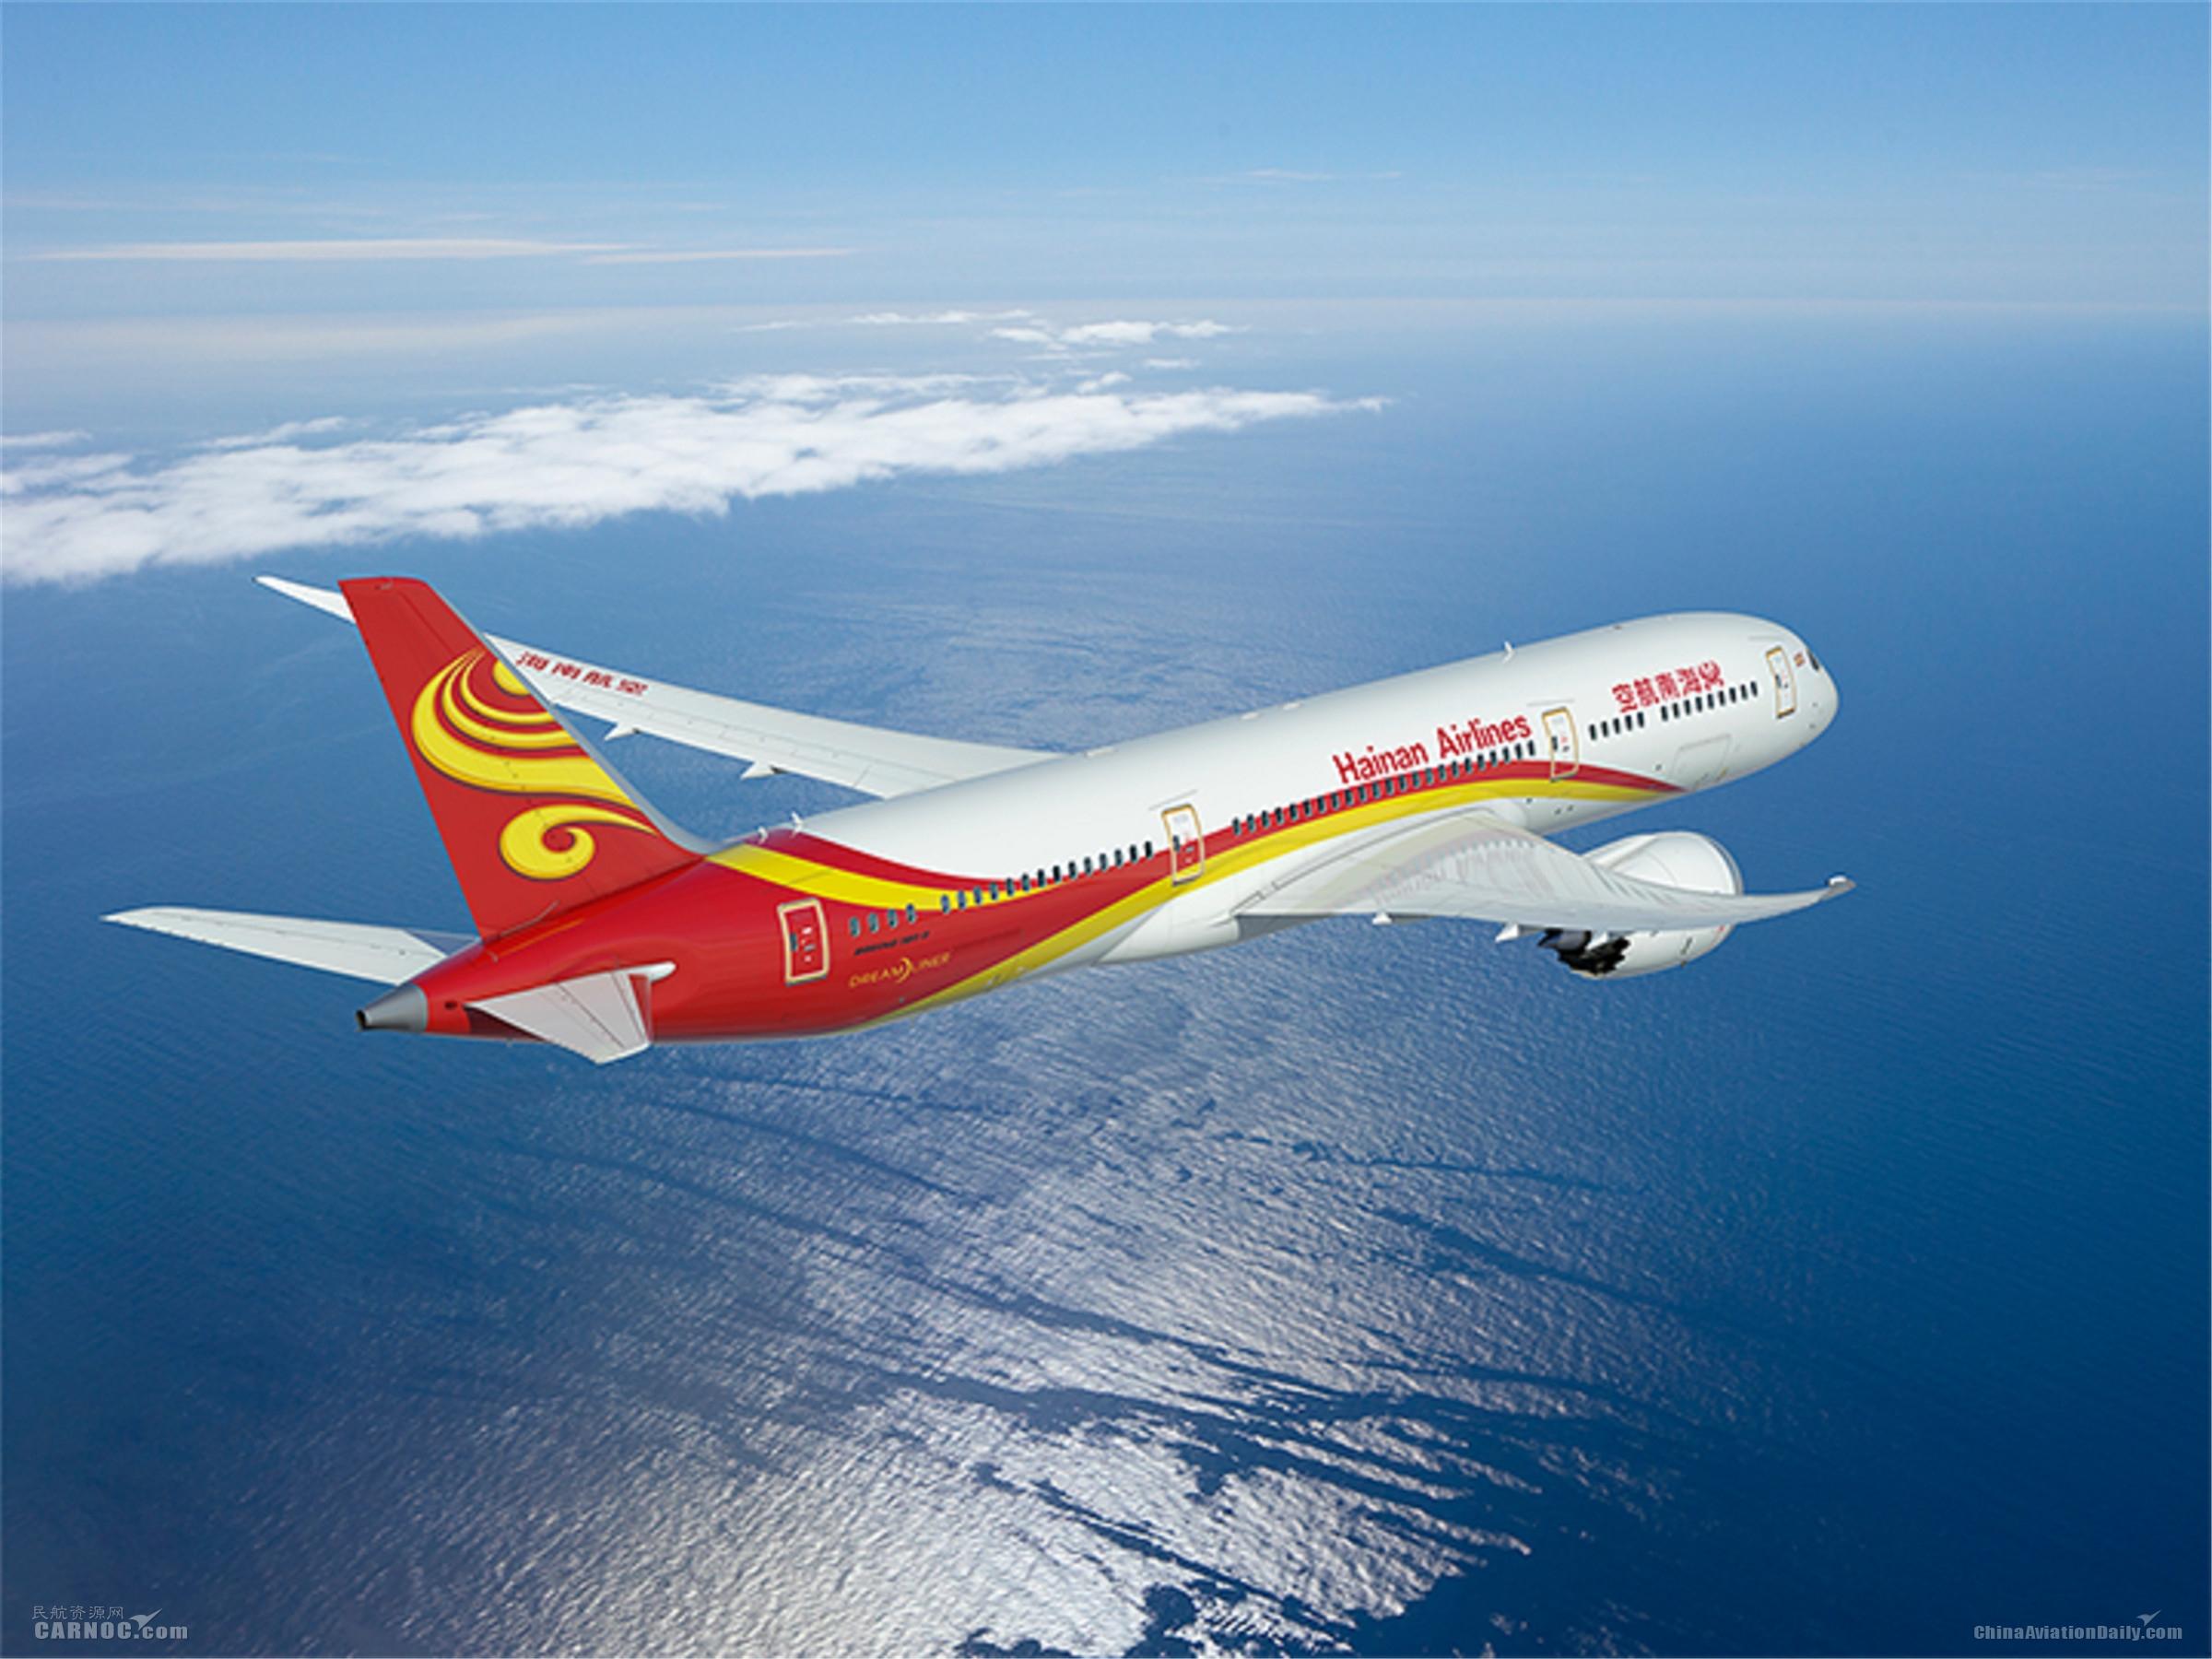 海南航空太原地区新增四条航线 可飞抵大连、长春、长沙多地